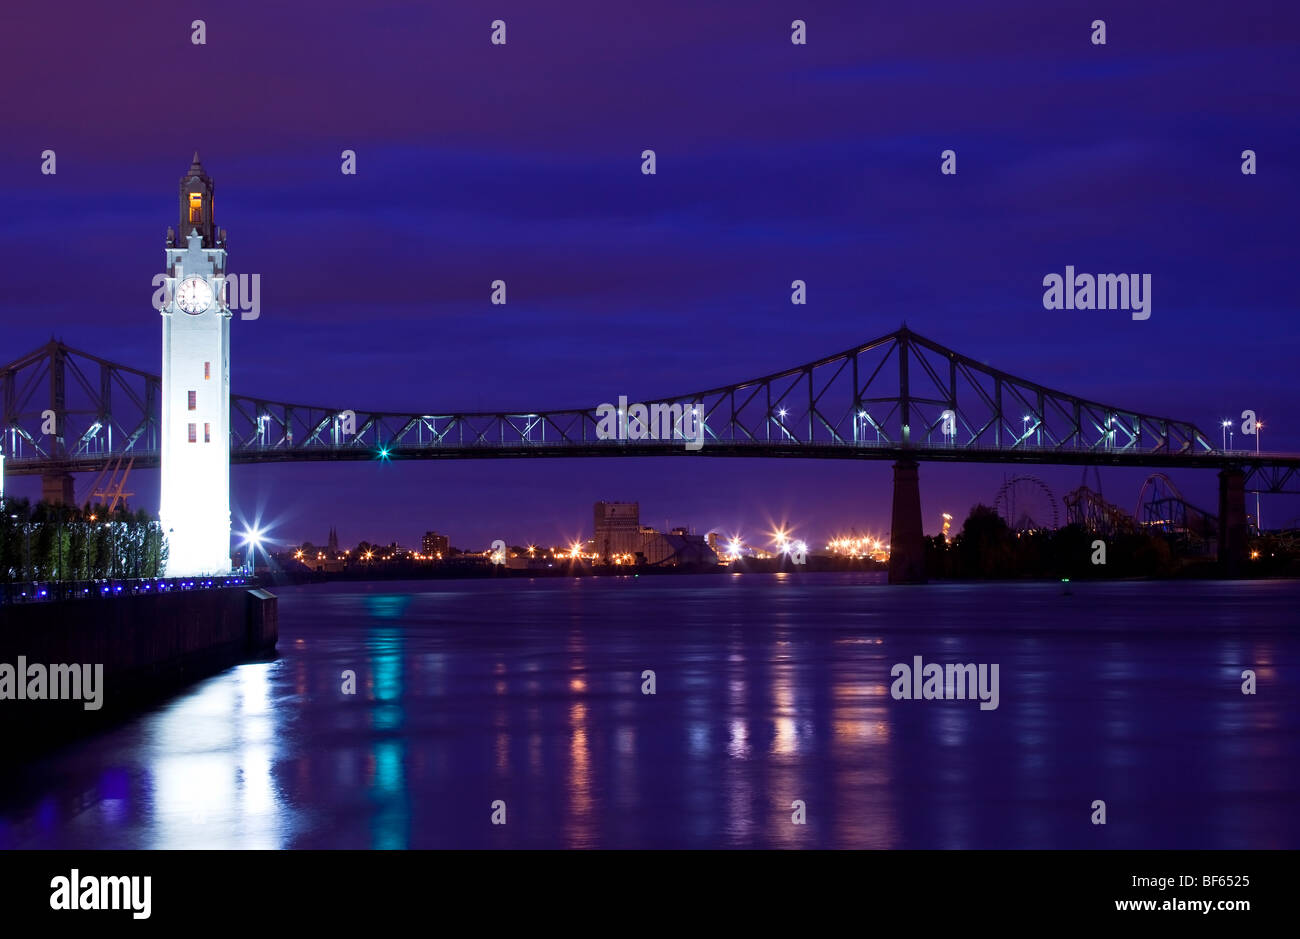 montreal jacques cartier bridge lights application